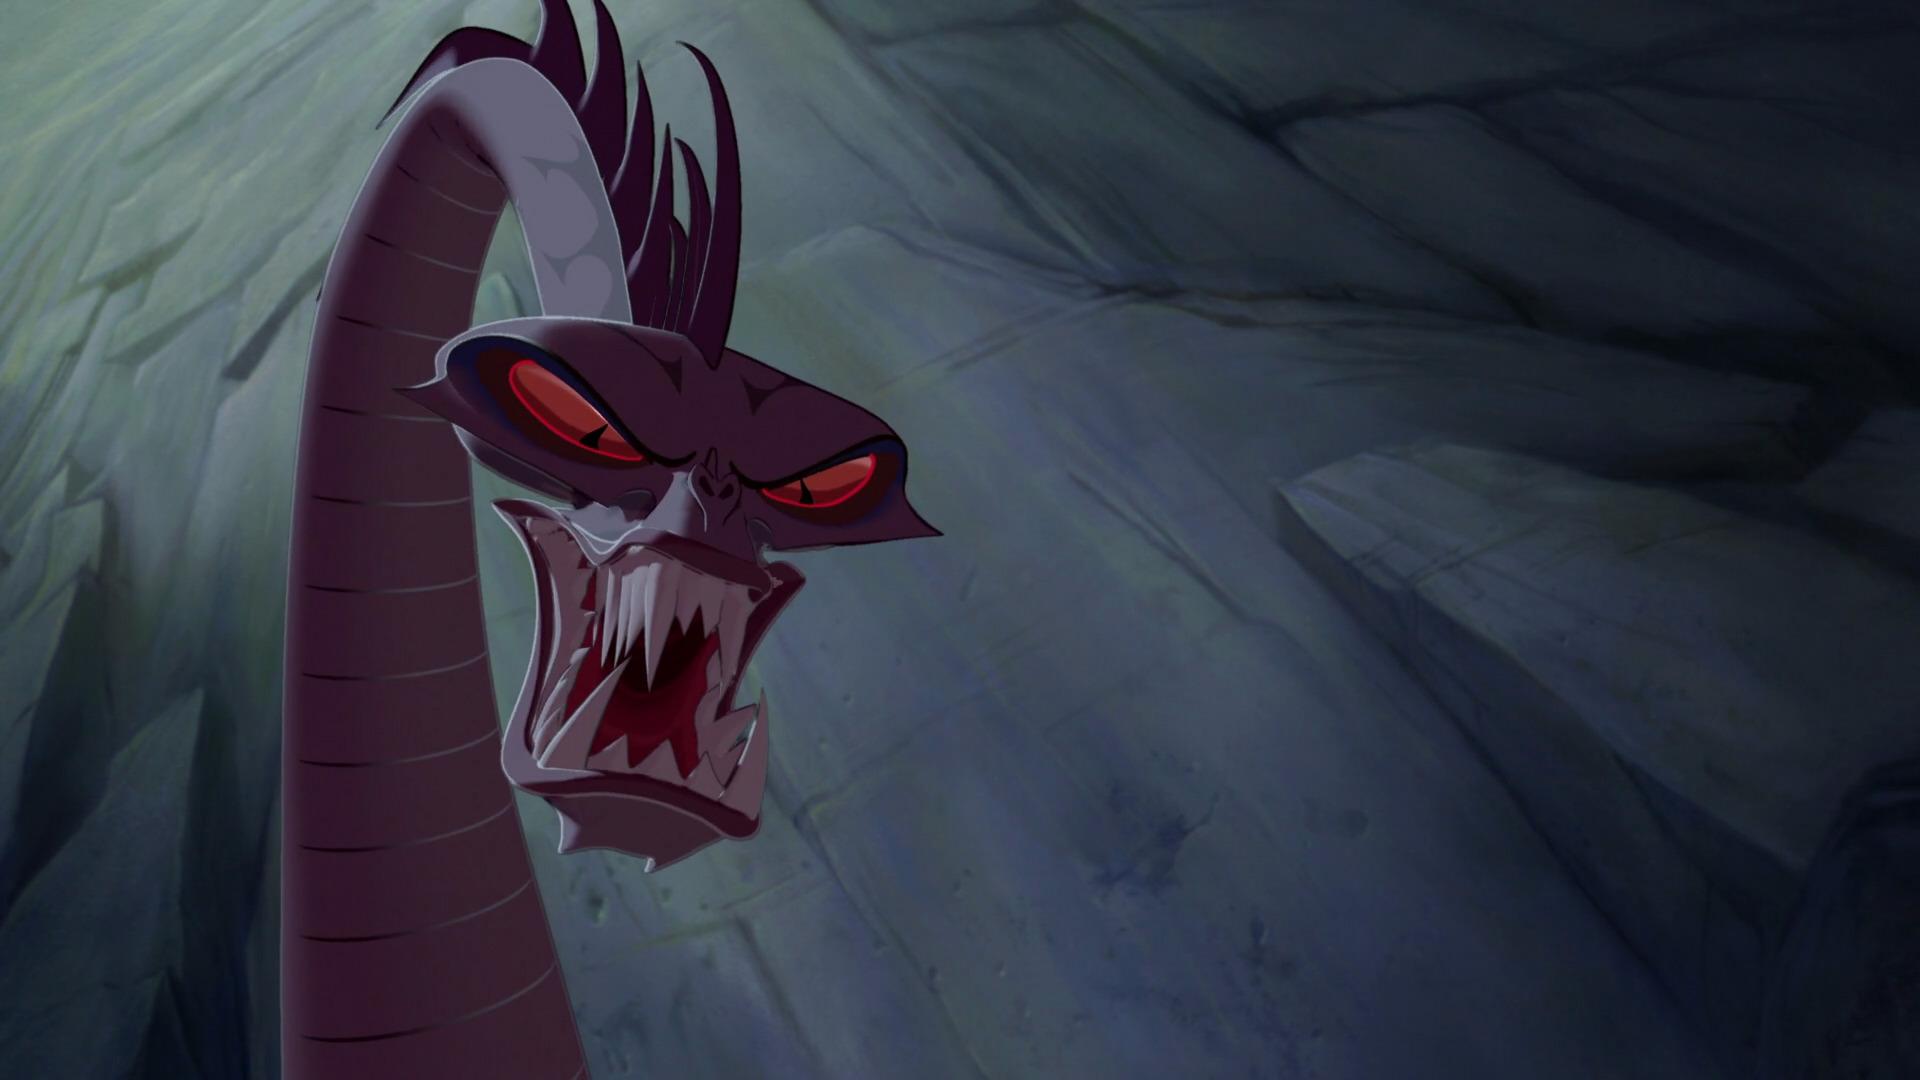 Hercules Hydra Disney Hercules-disneyscreencaps com-Hydra Hercules Gif